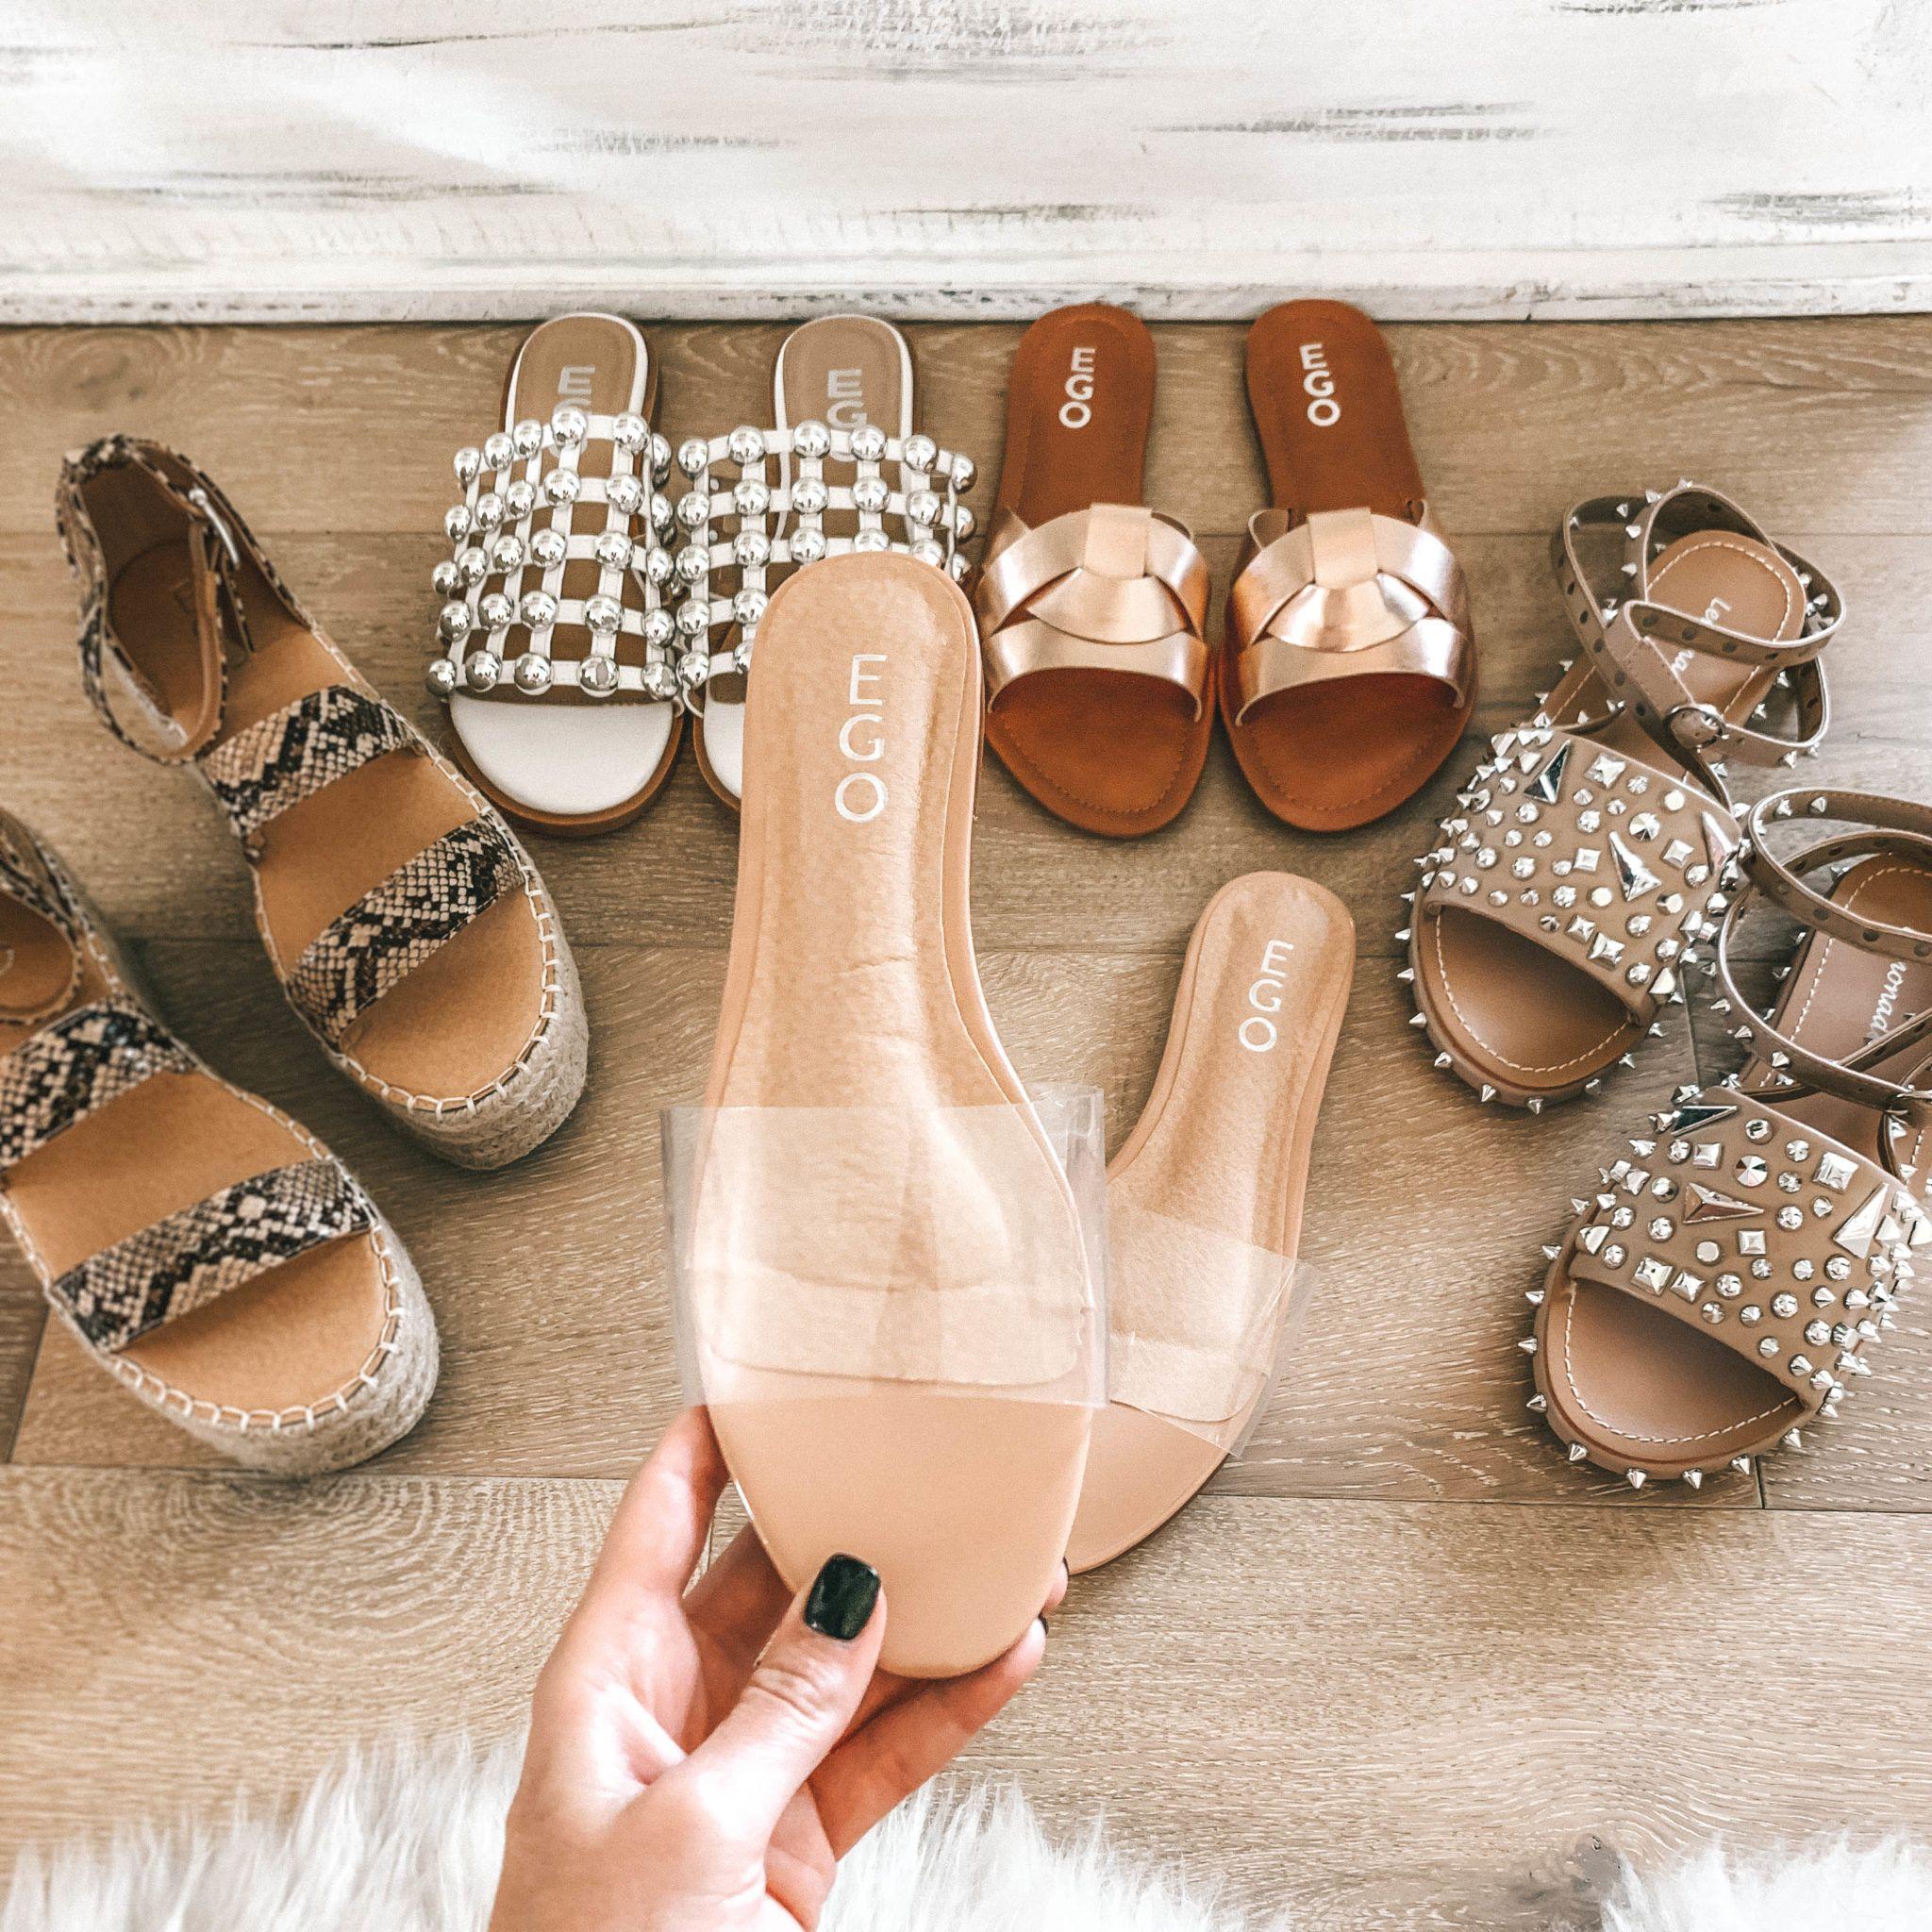 Ego shoes, Sandals summer